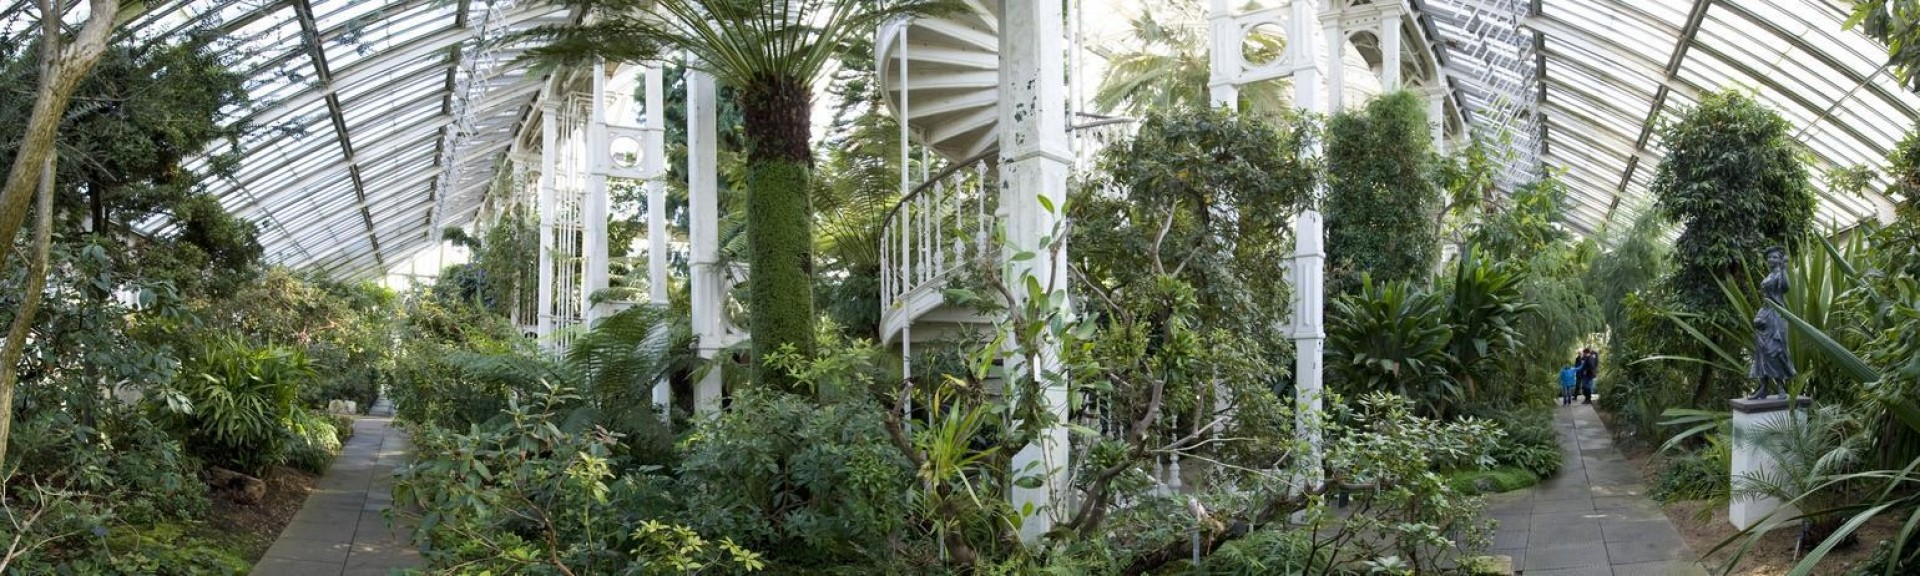 Kew Gardens, Royal Botanic Gardens | London | Visit Britain